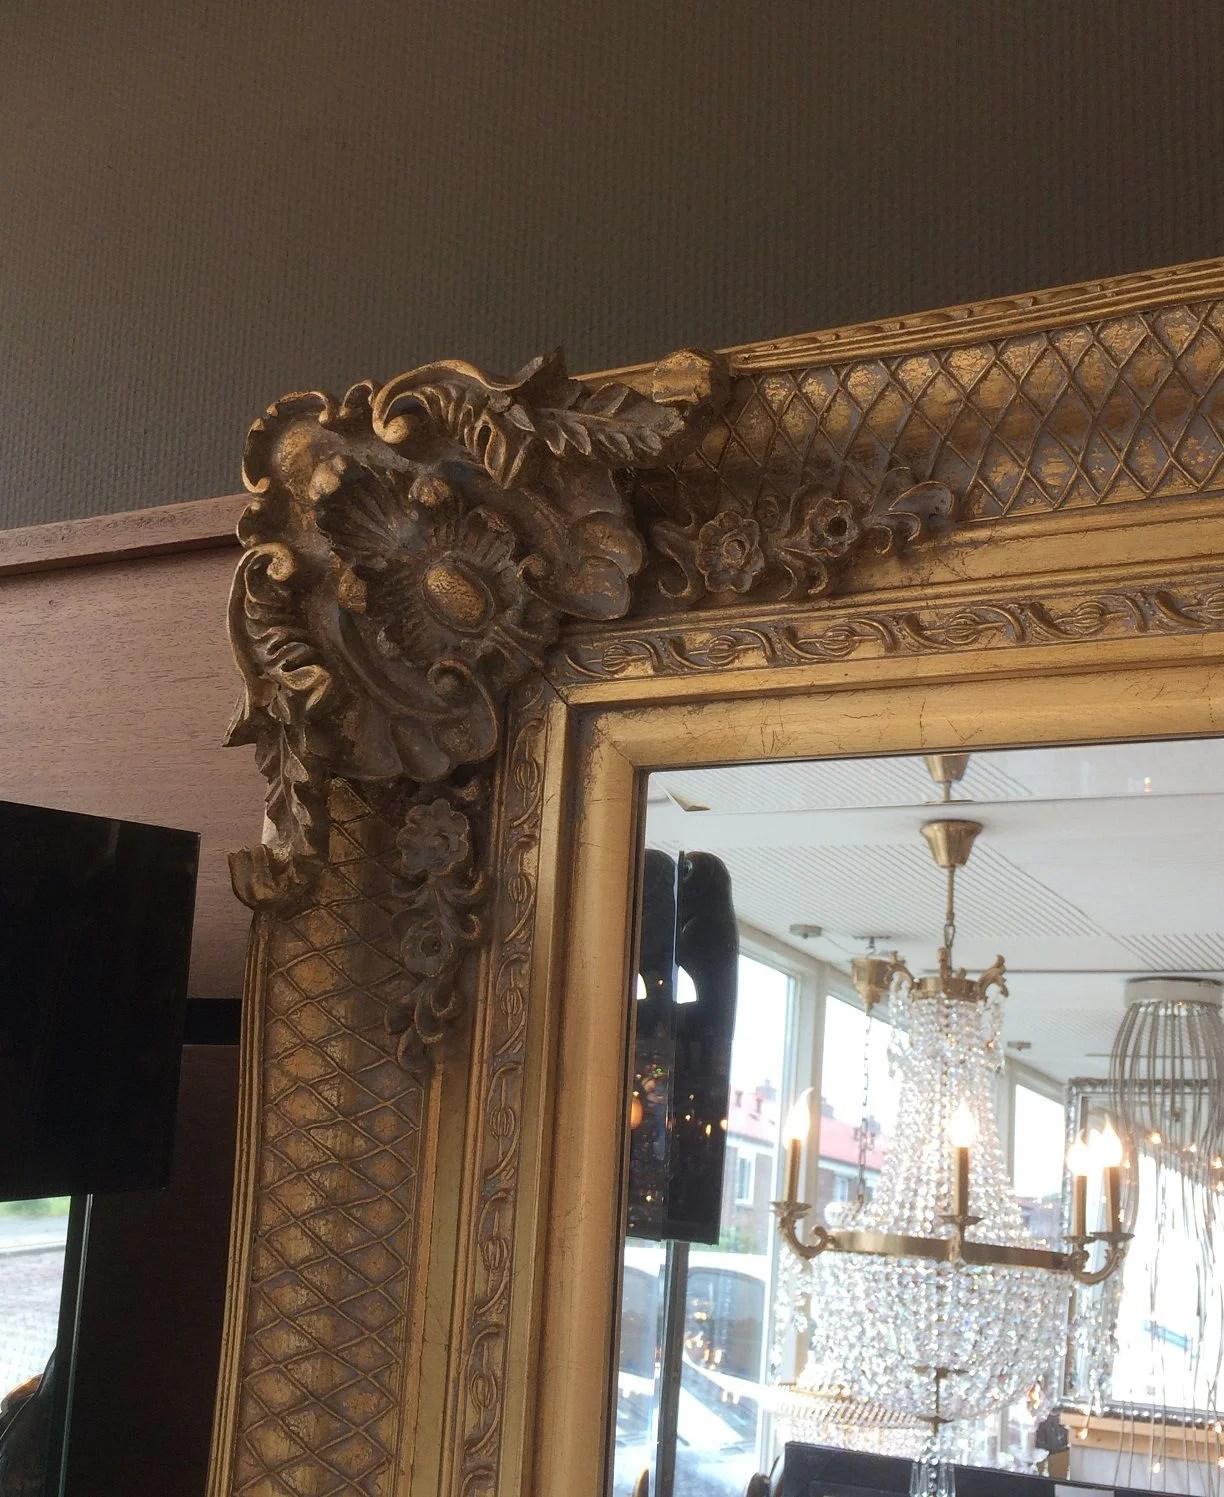 Barok Spiegel Xenos.Staande Spiegel Barok